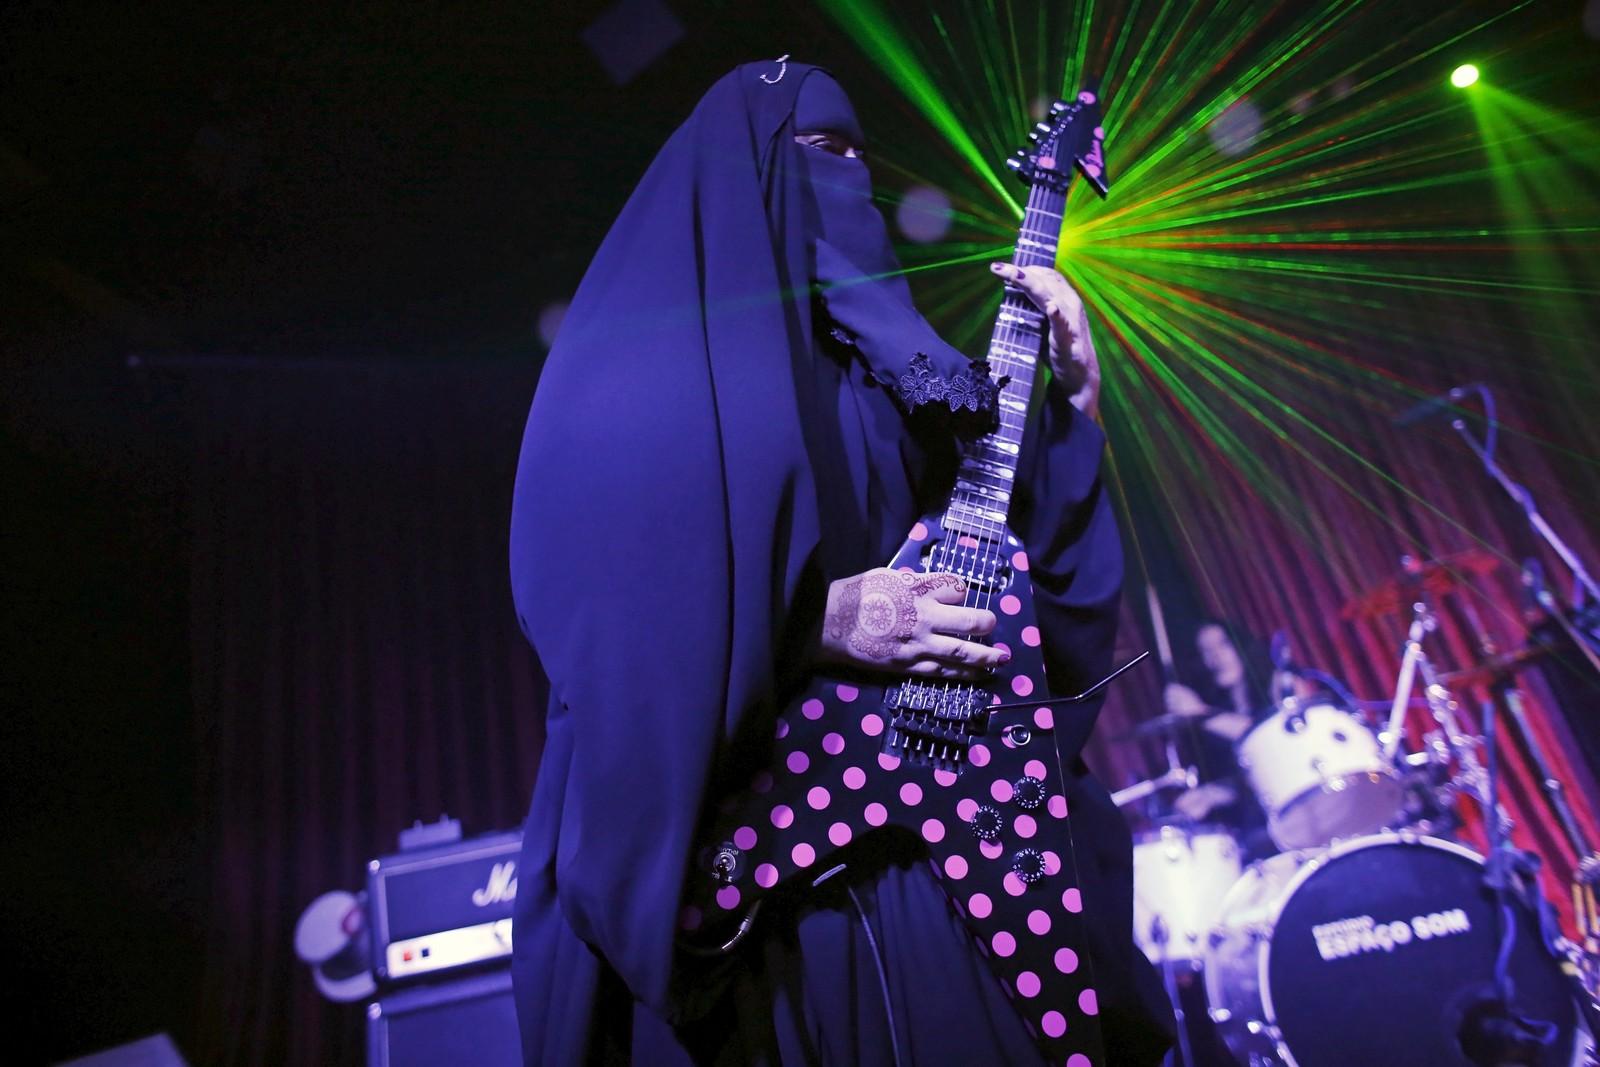 Gisele Marie, noe så sjelden som en muslimsk kvinnelig heavy metal-gitarist, spiller på sin Gibson Flying V under en konsert i Sao Paolo, Brasil. Marie konverterte til Islam da faren døde og er frontfiguren i brødrenes band Spectrus.